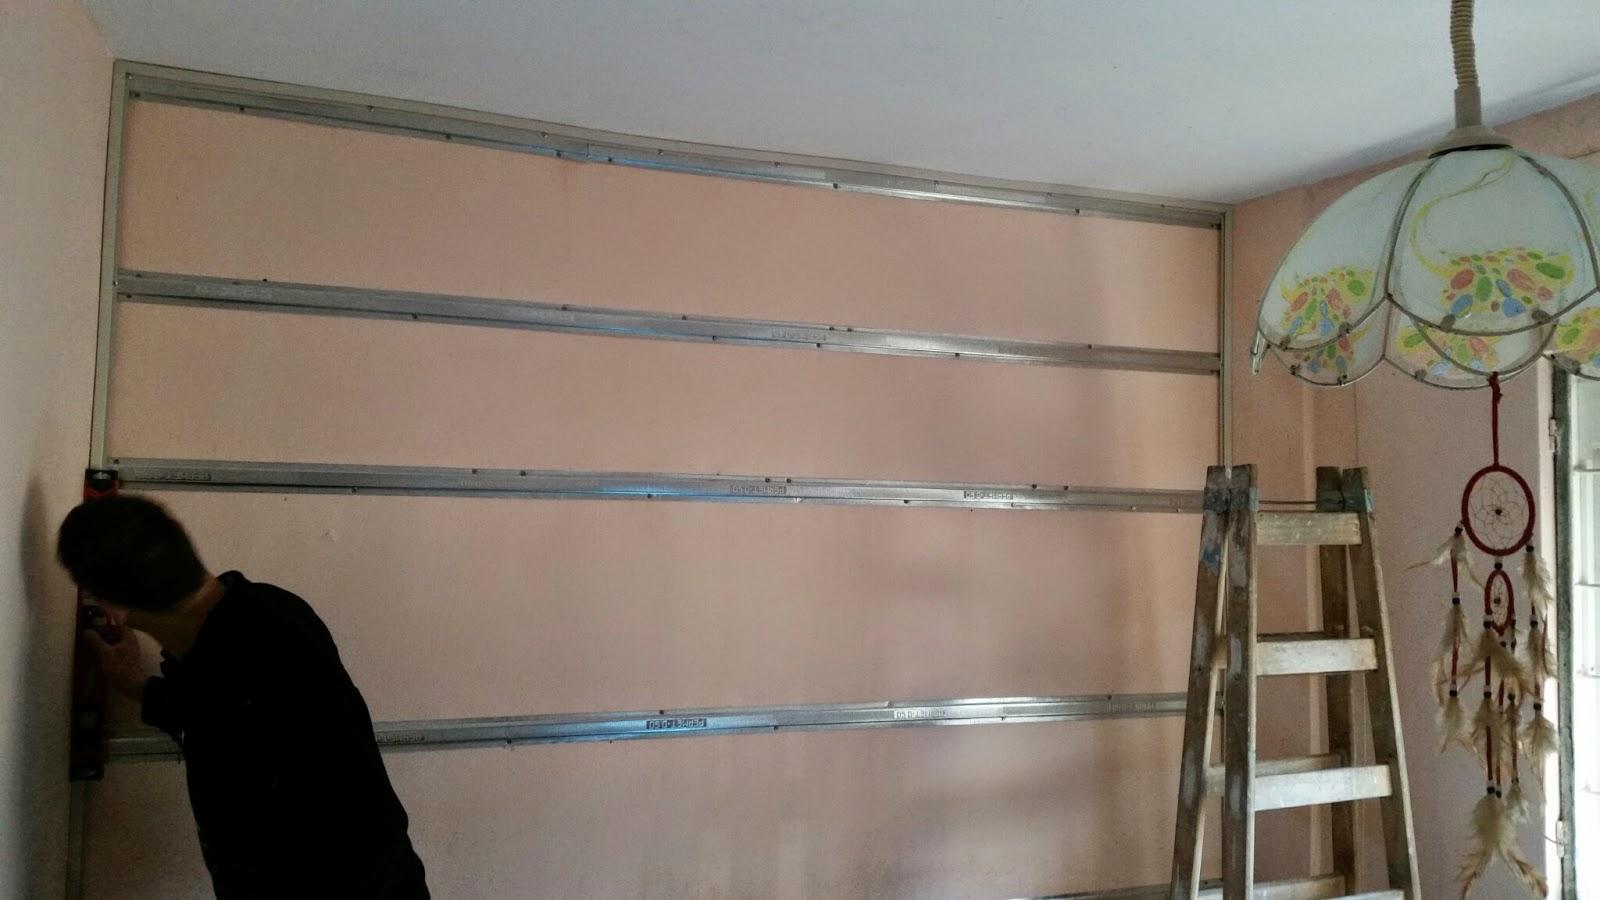 Cielorrasos en pvc uruguay revestimiento de pared con - Revestimiento de pared ...